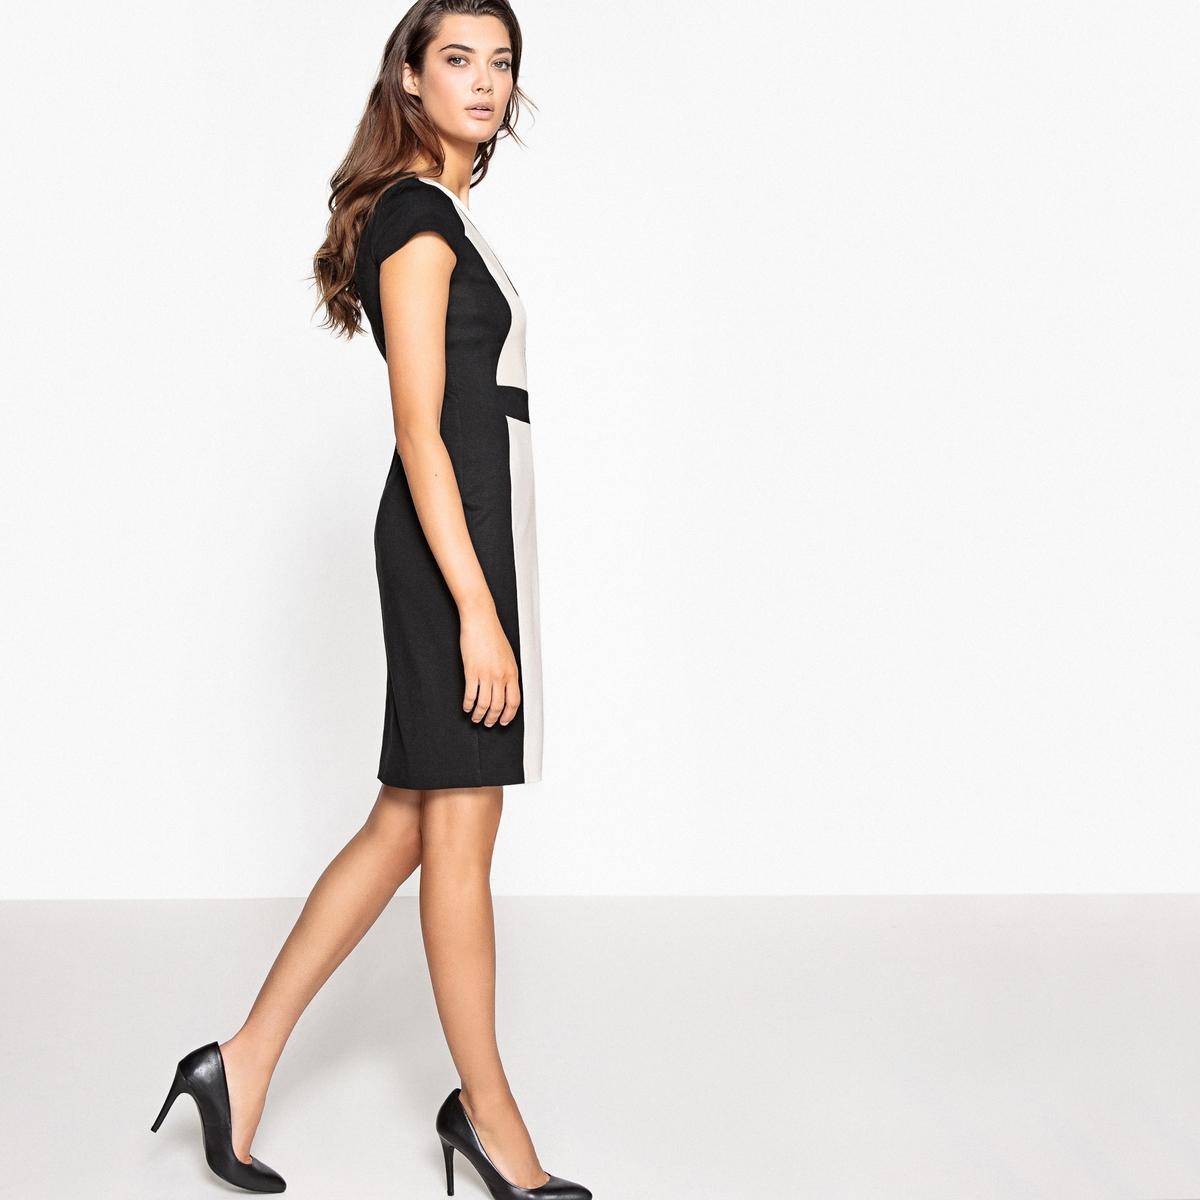 Платье облегающее, двухцветноеДетали •  Форма : Облегающий покрой •  Длина до колен •  Короткие рукава    •   V-образный вырезСостав и уход •  65% вискозы, 5% эластана, 30% полиамида •  Температура стирки 30°   •  Сухая чистка и отбеливание запрещены    •  Не использовать барабанную сушку   •  Низкая температура глажки<br><br>Цвет: черный/ бежевый<br>Размер: 40 (FR) - 46 (RUS).42 (FR) - 48 (RUS).46 (FR) - 52 (RUS).48 (FR) - 54 (RUS)